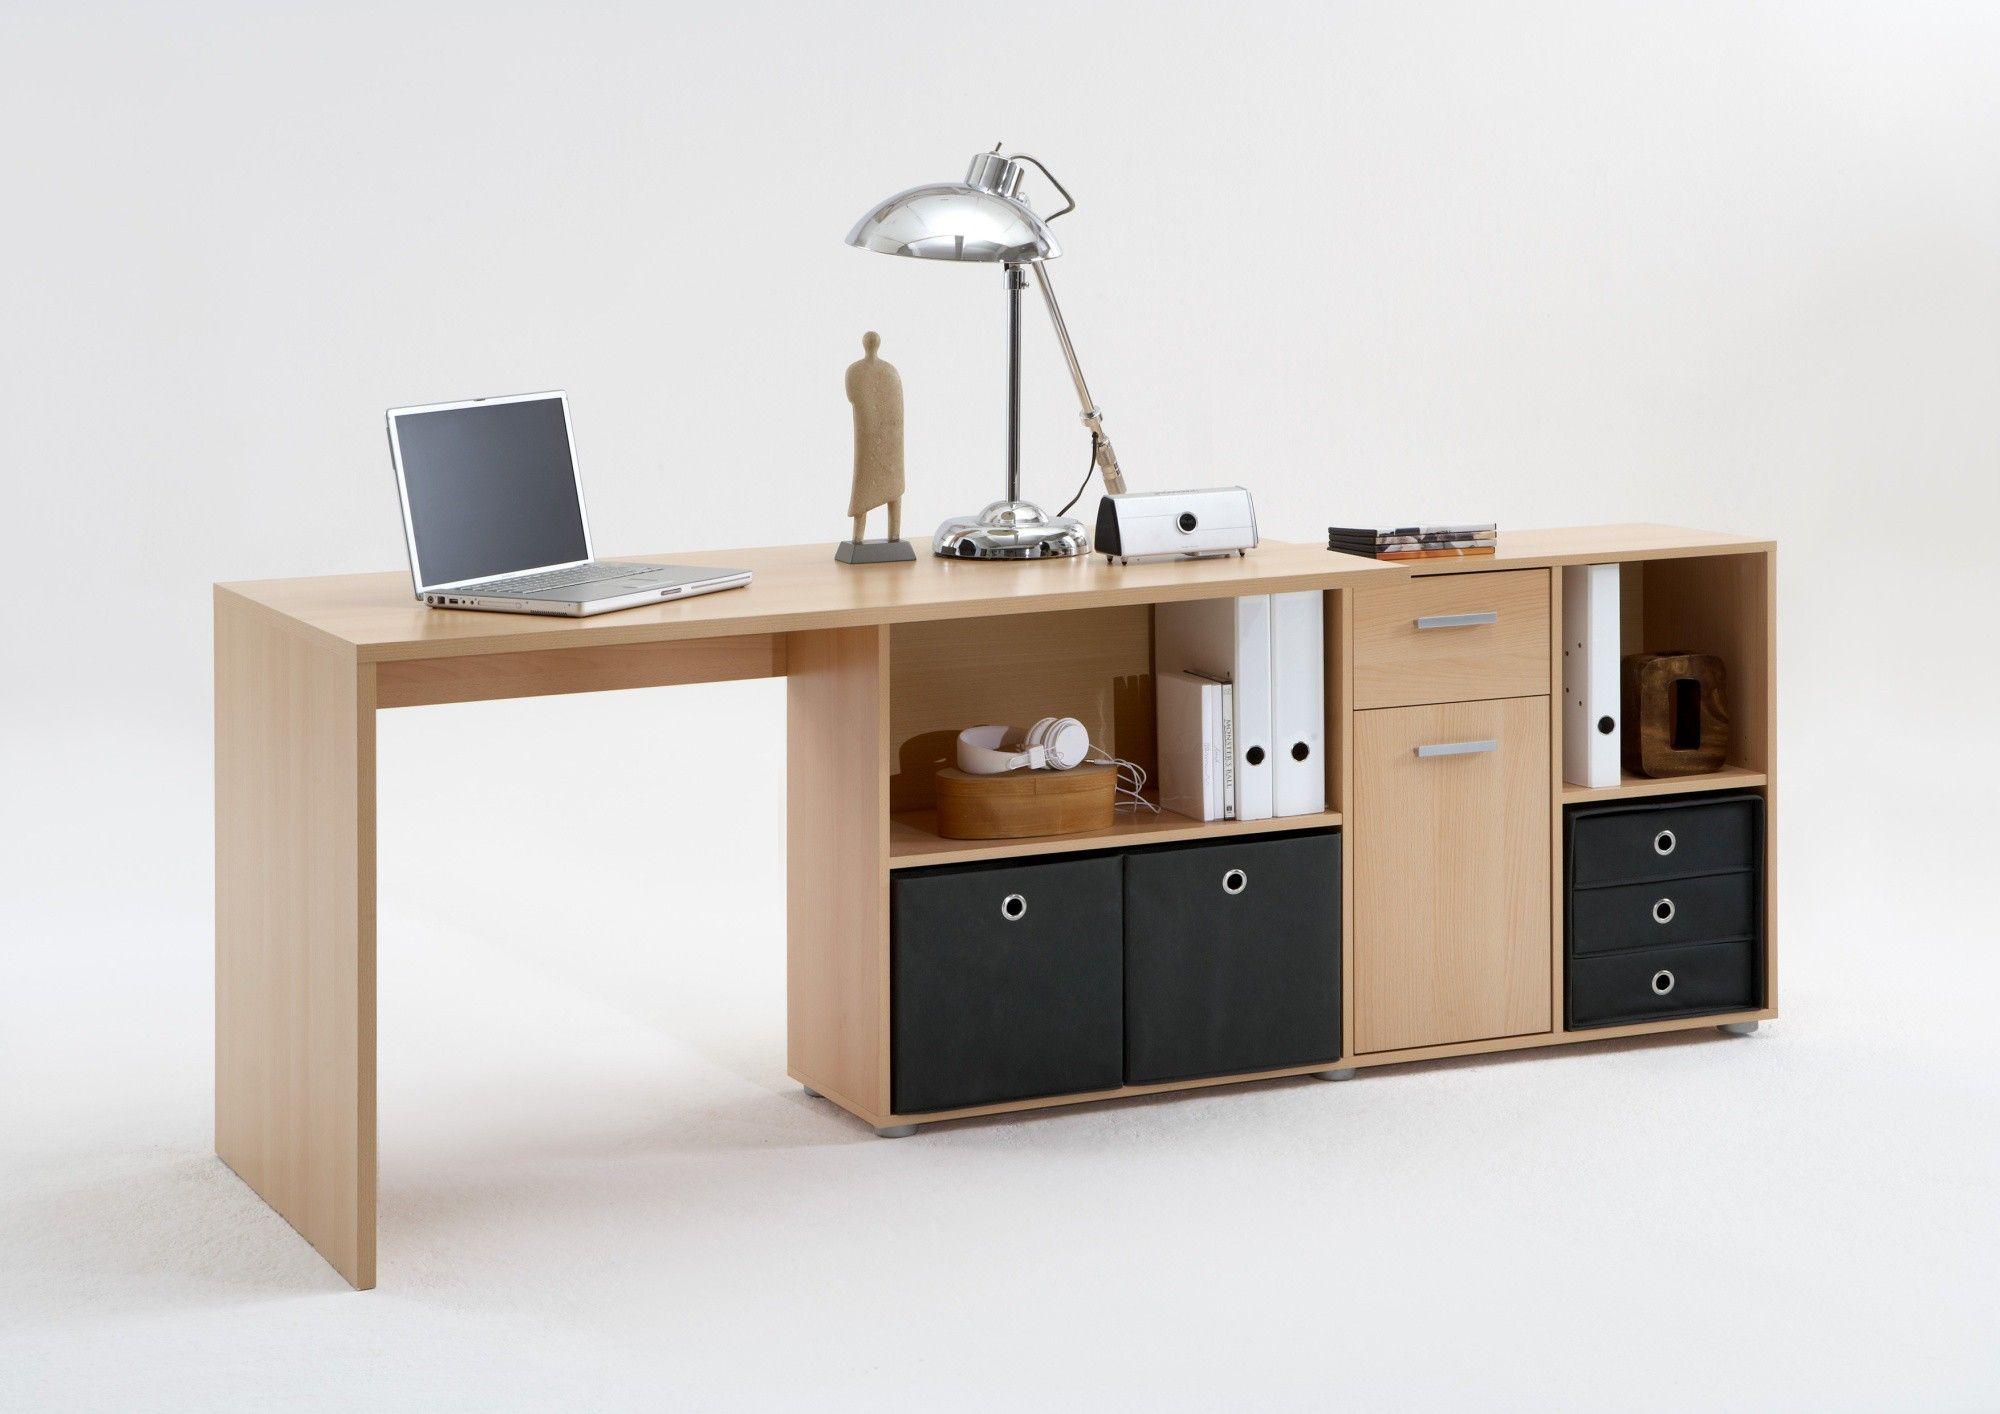 le bureau d 39 angle contemporain ph nicia vous offrira un bel espace de travail tout en apportant. Black Bedroom Furniture Sets. Home Design Ideas